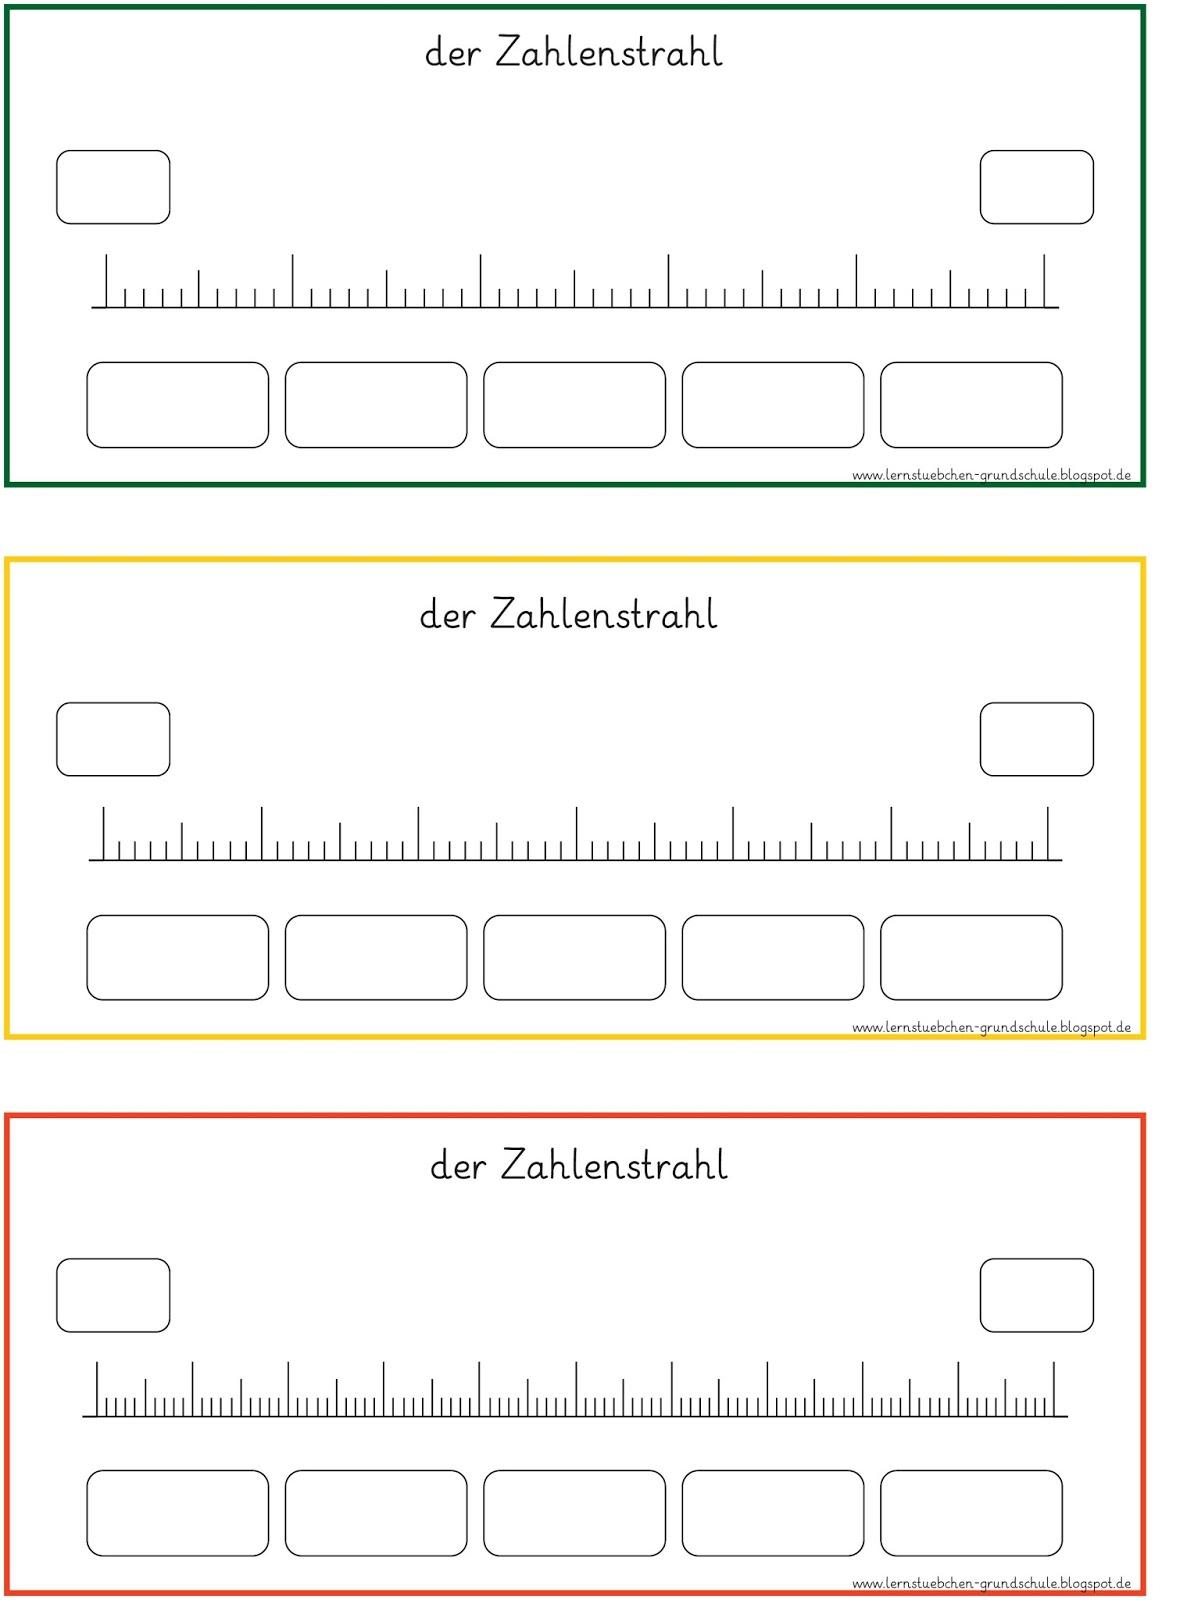 Schön Unifix Würfel Vorlage Galerie - Entry Level Resume Vorlagen ...